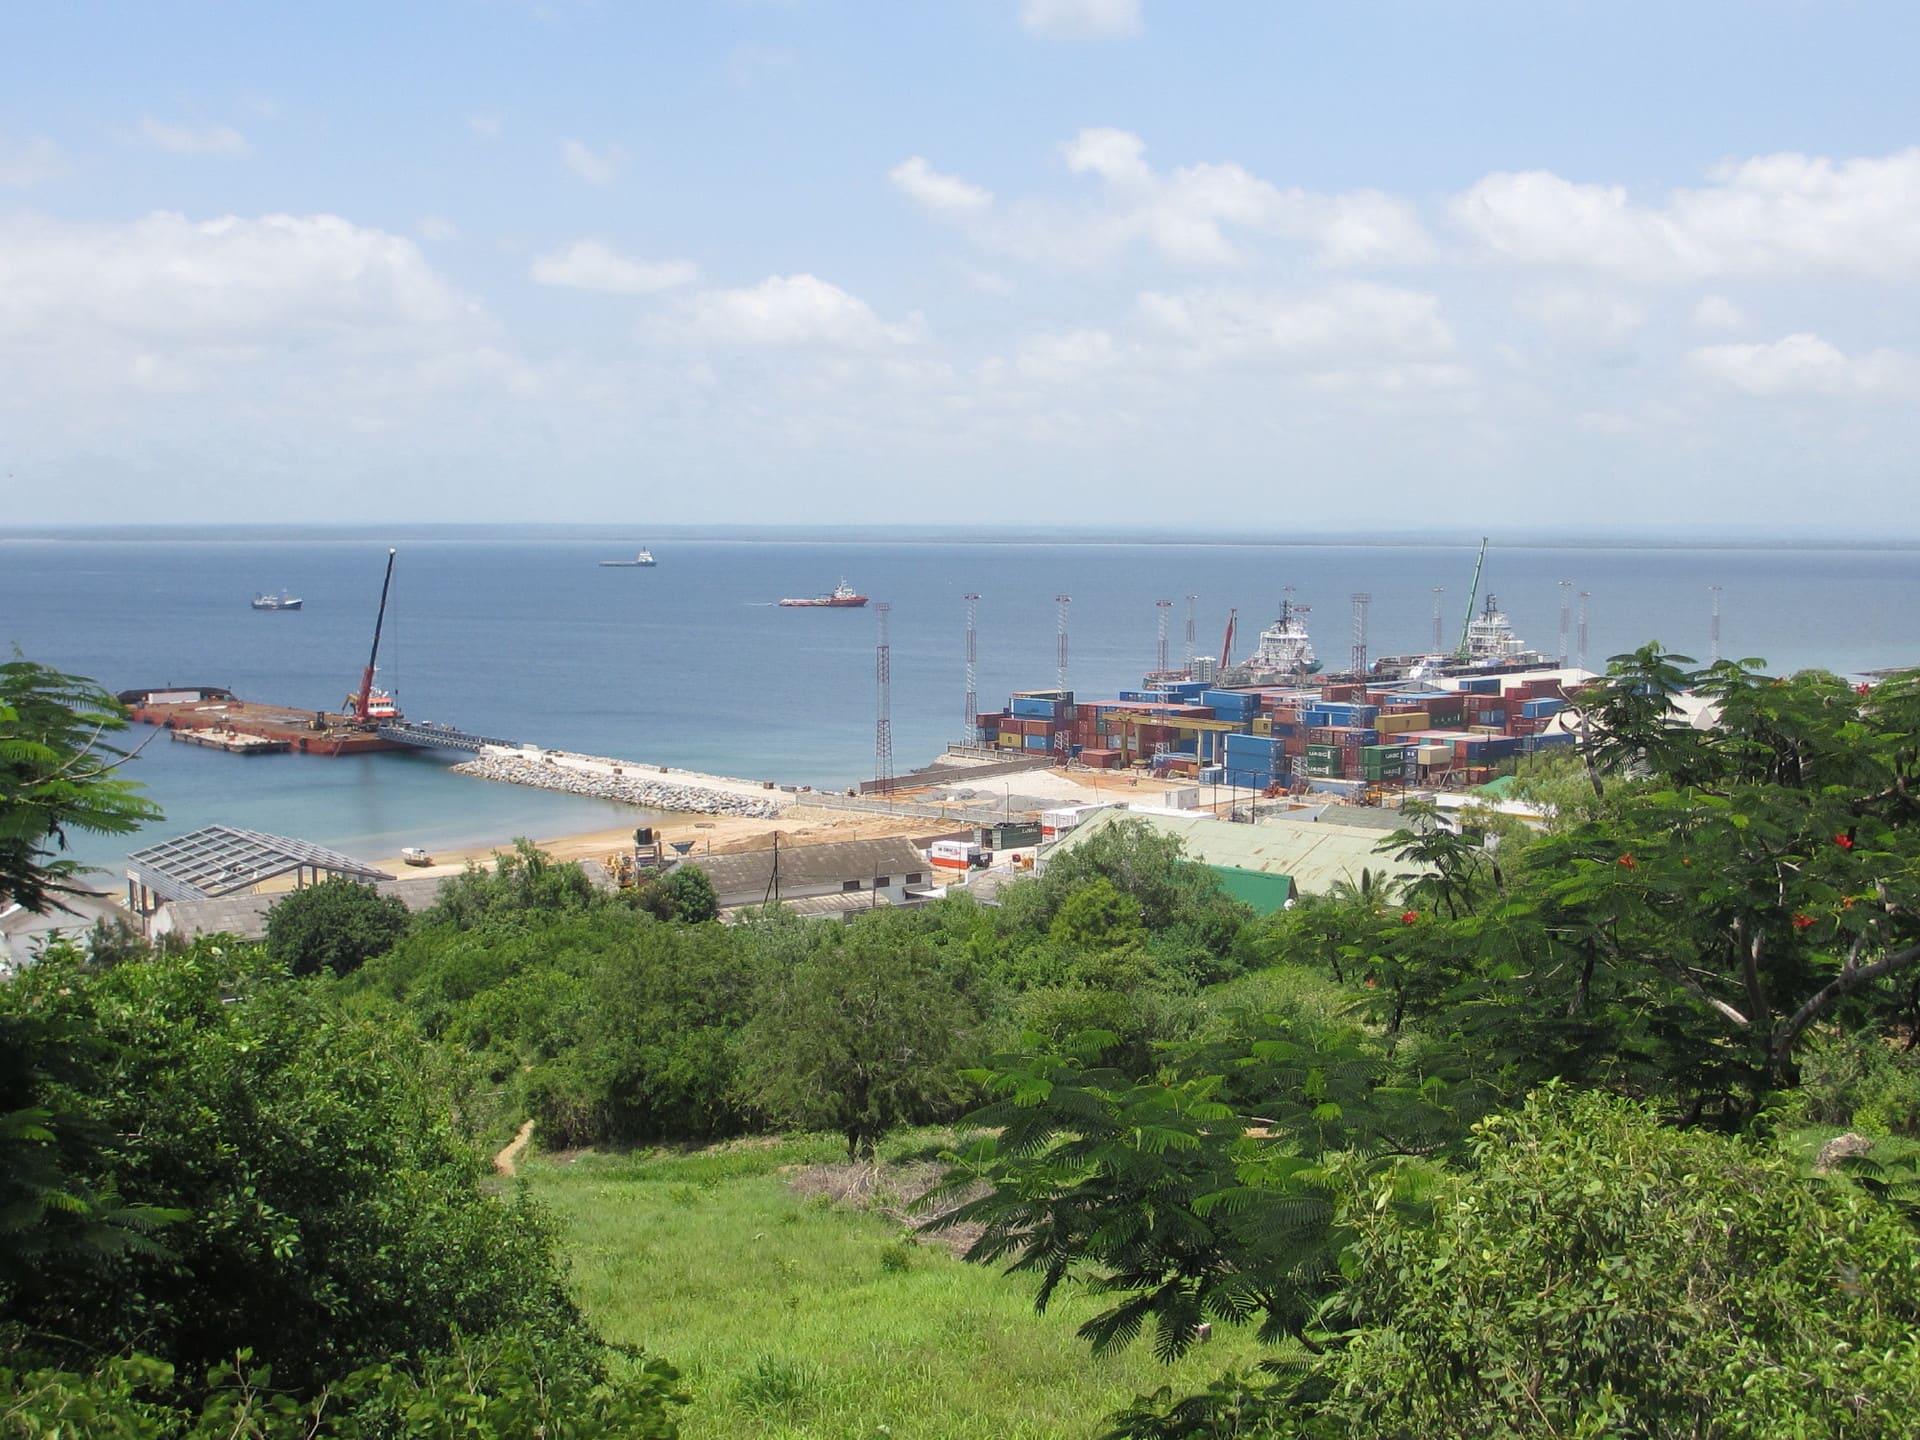 Hafen von Pemba - Zufluchtsort für Flüchtende